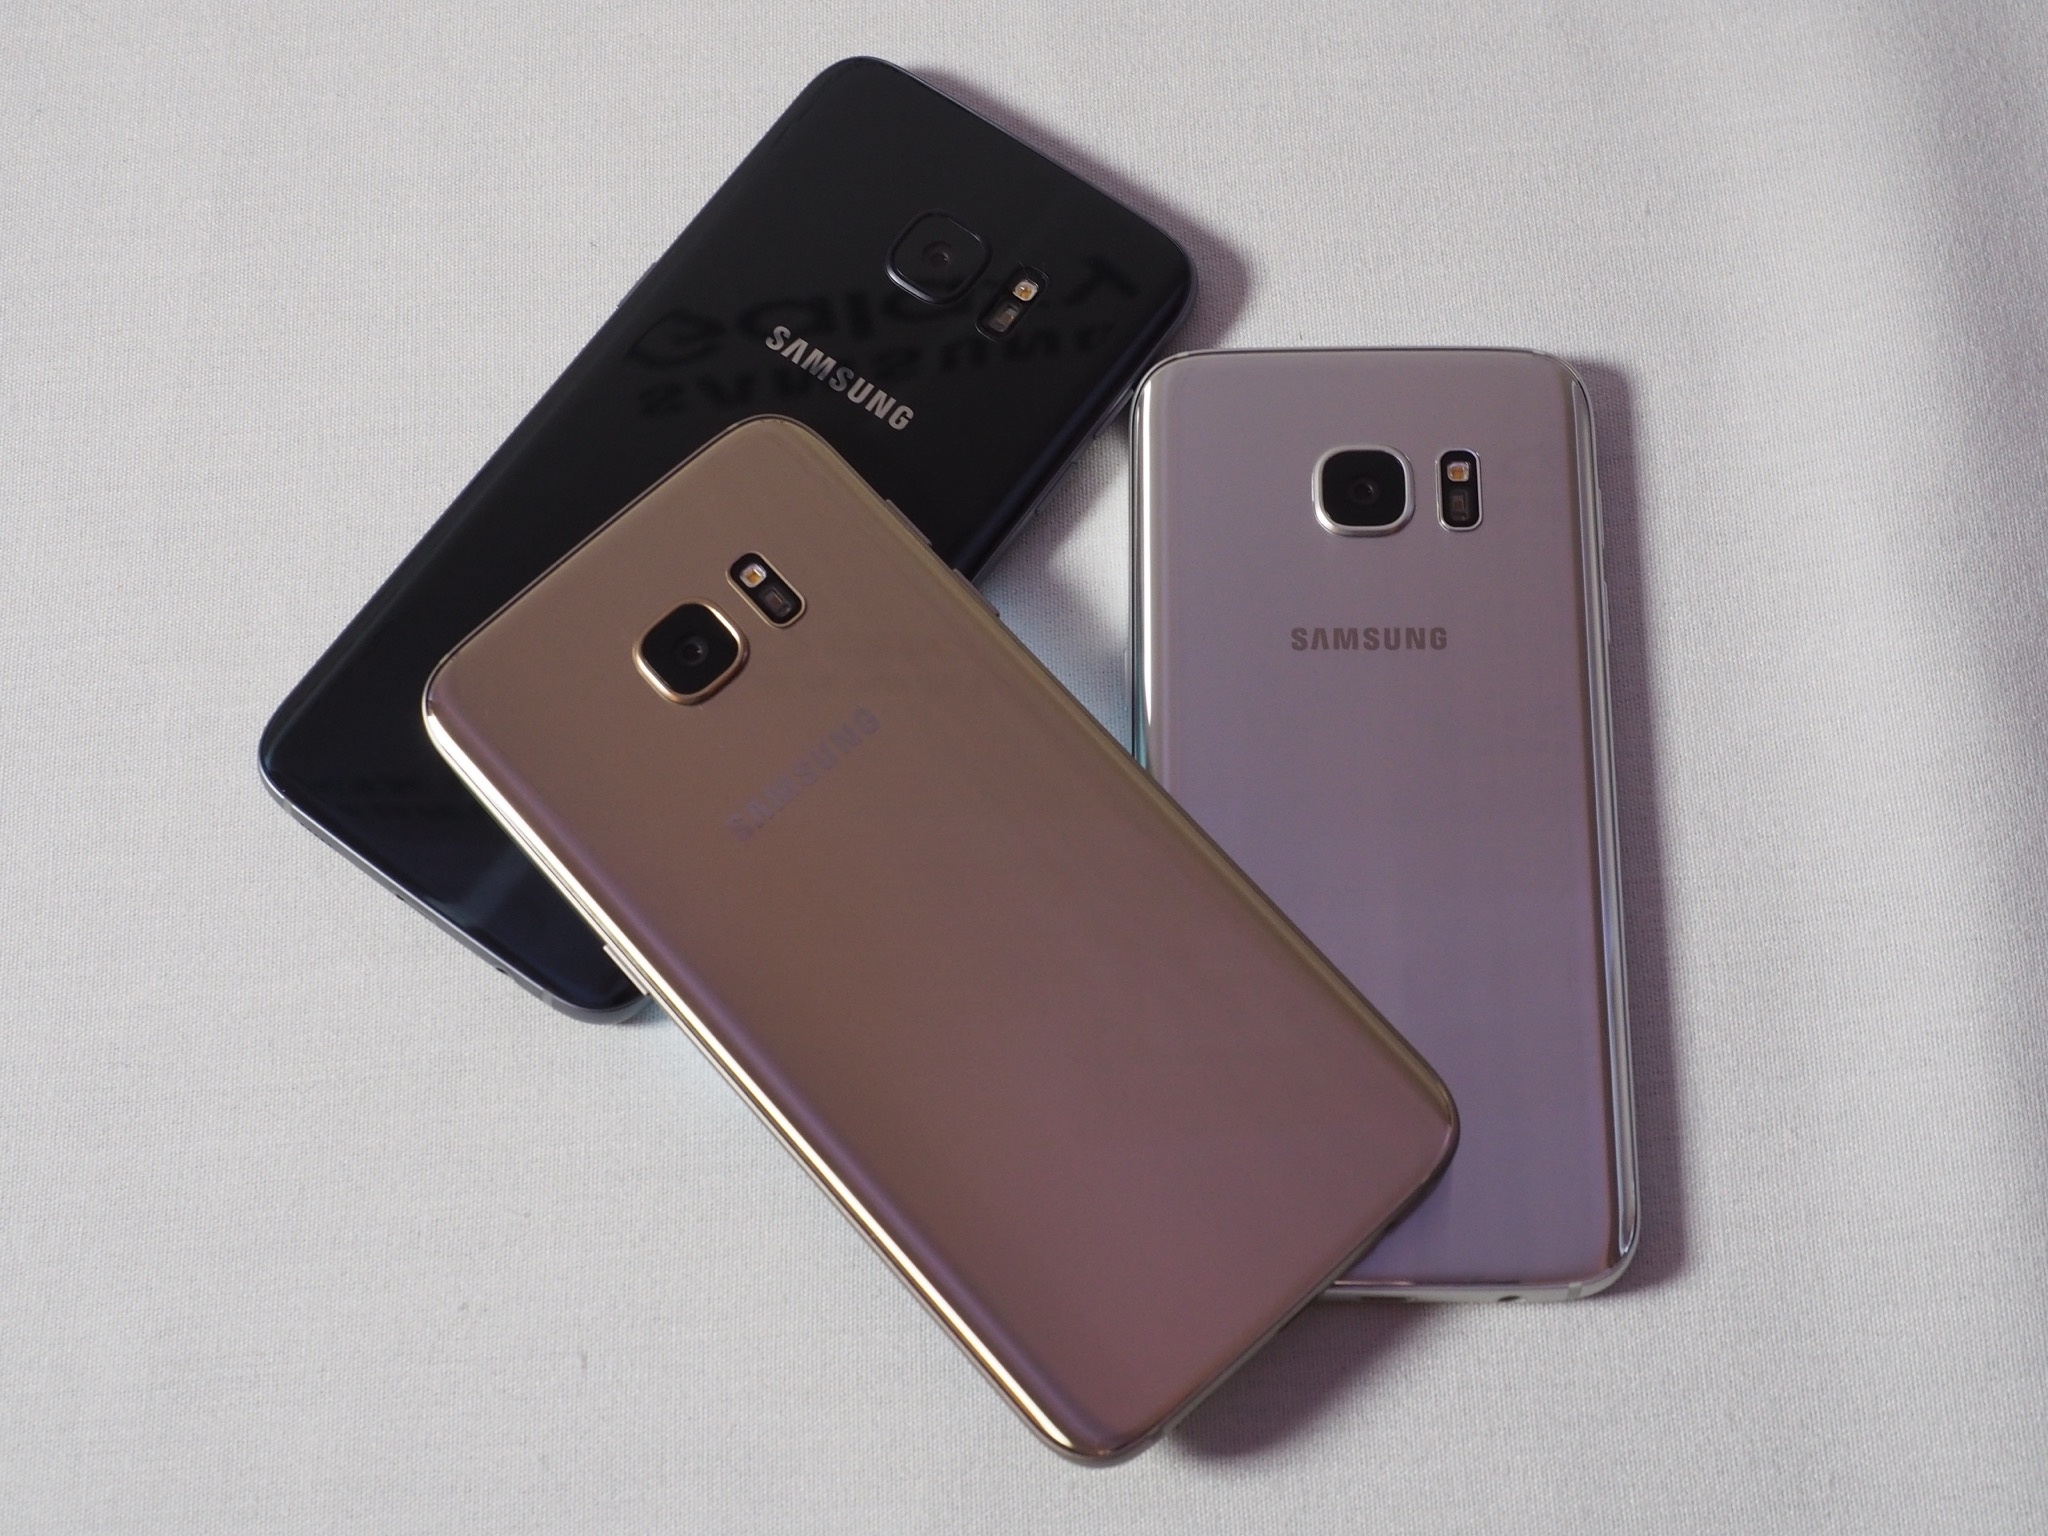 Samsung Galaxy S7 en dorado, plateado y negro